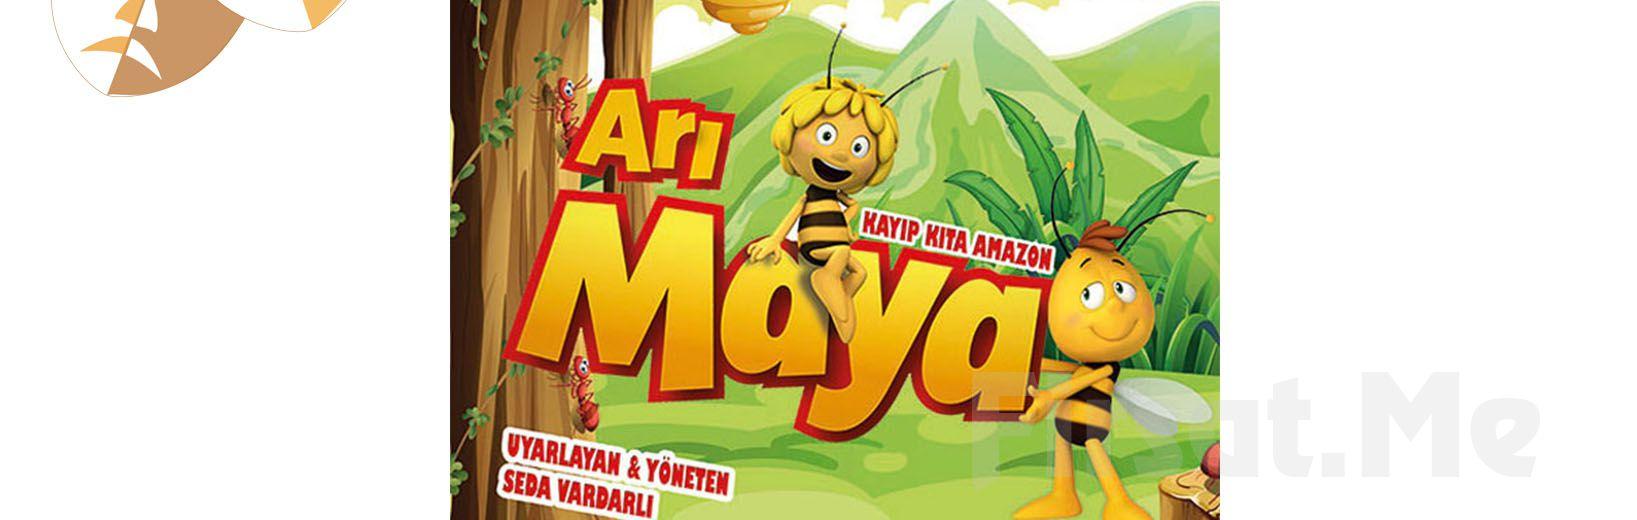 Arı Maya Kayıp Kıta Amazon Müzikli Danslı Çocuk Tiyatro Oyun Bileti